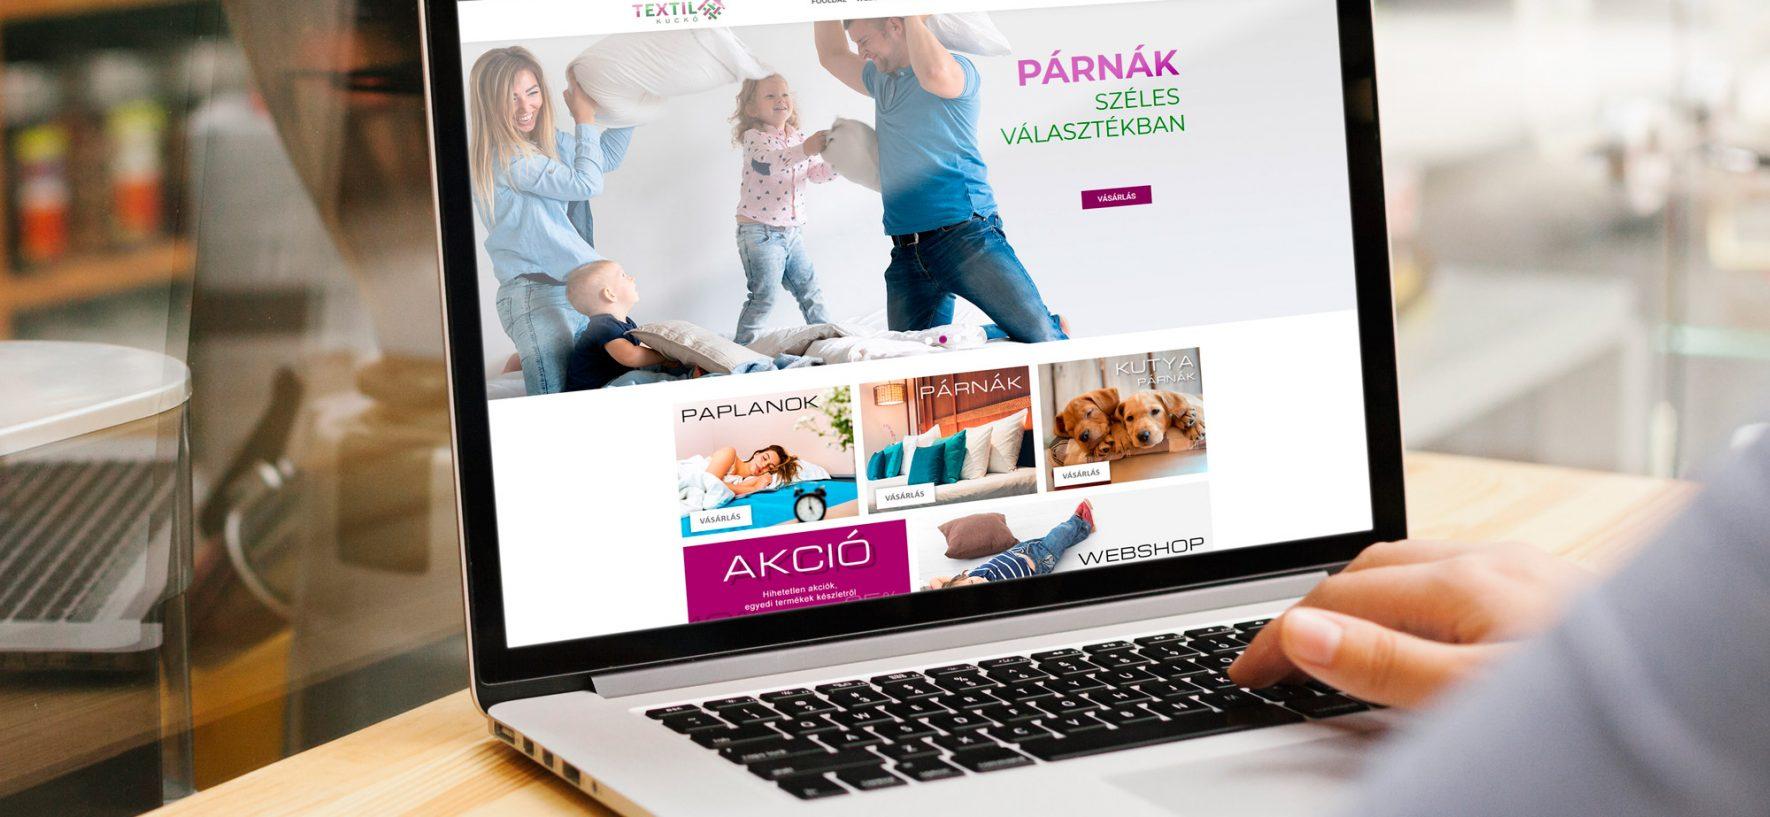 Üdvözöljük a Textil Kuckó EU webáruházban!